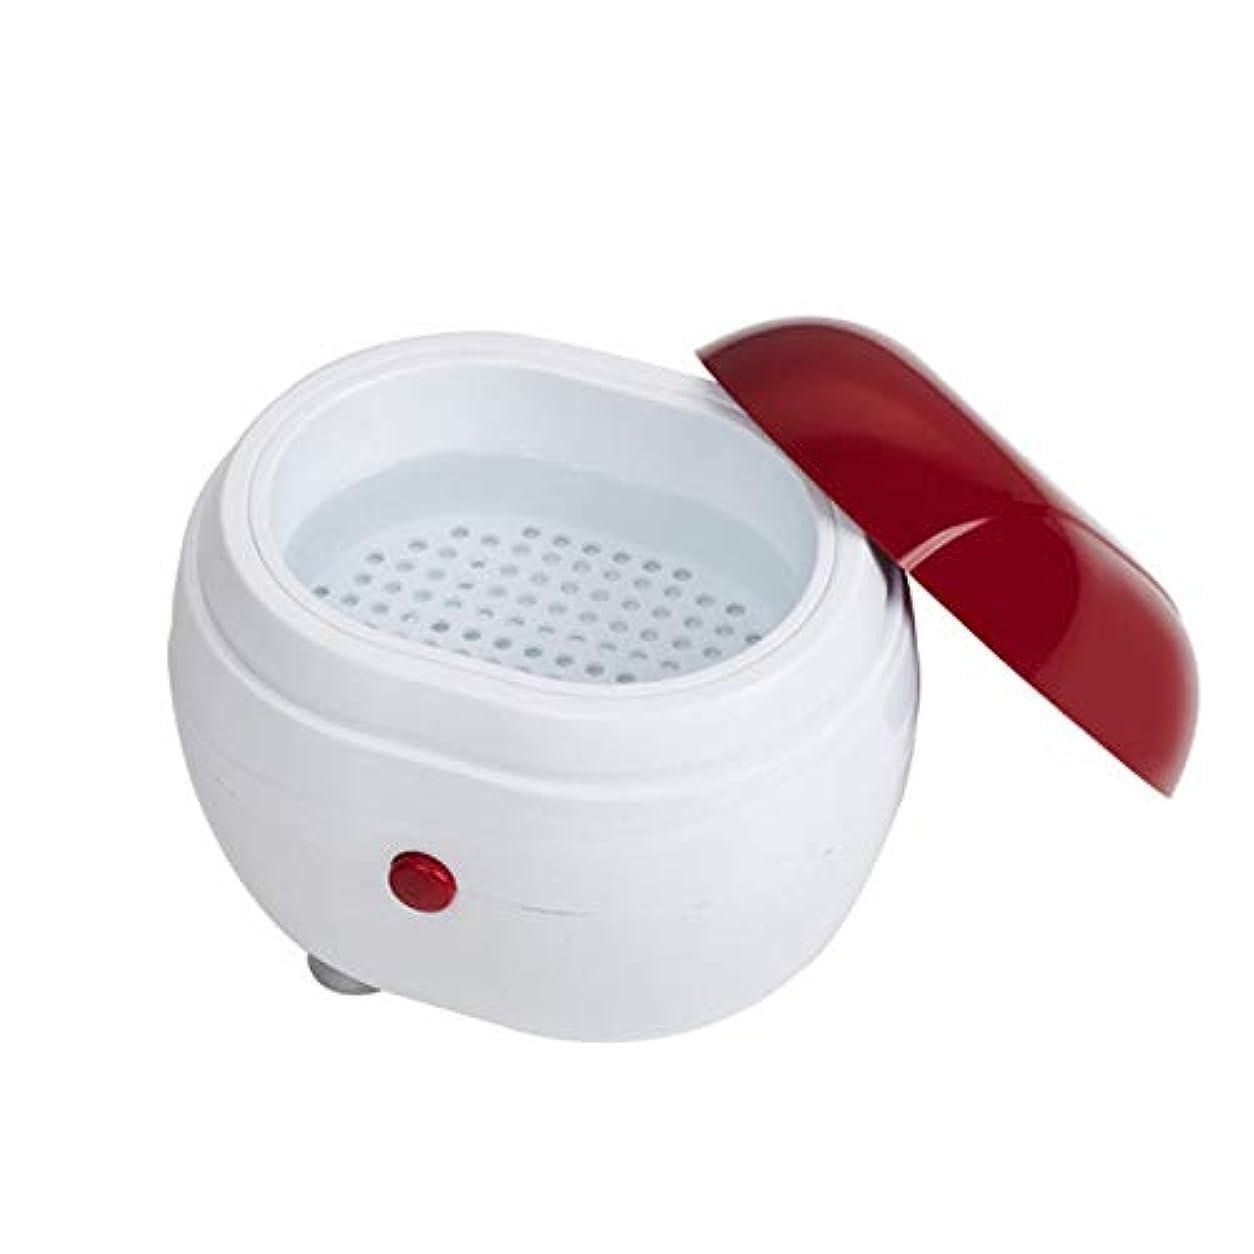 文芸メモラッカスポータブル超音波洗濯機家庭用ジュエリーレンズ時計入れ歯クリーニング機洗濯機クリーナークリーニングボックス - 赤&白